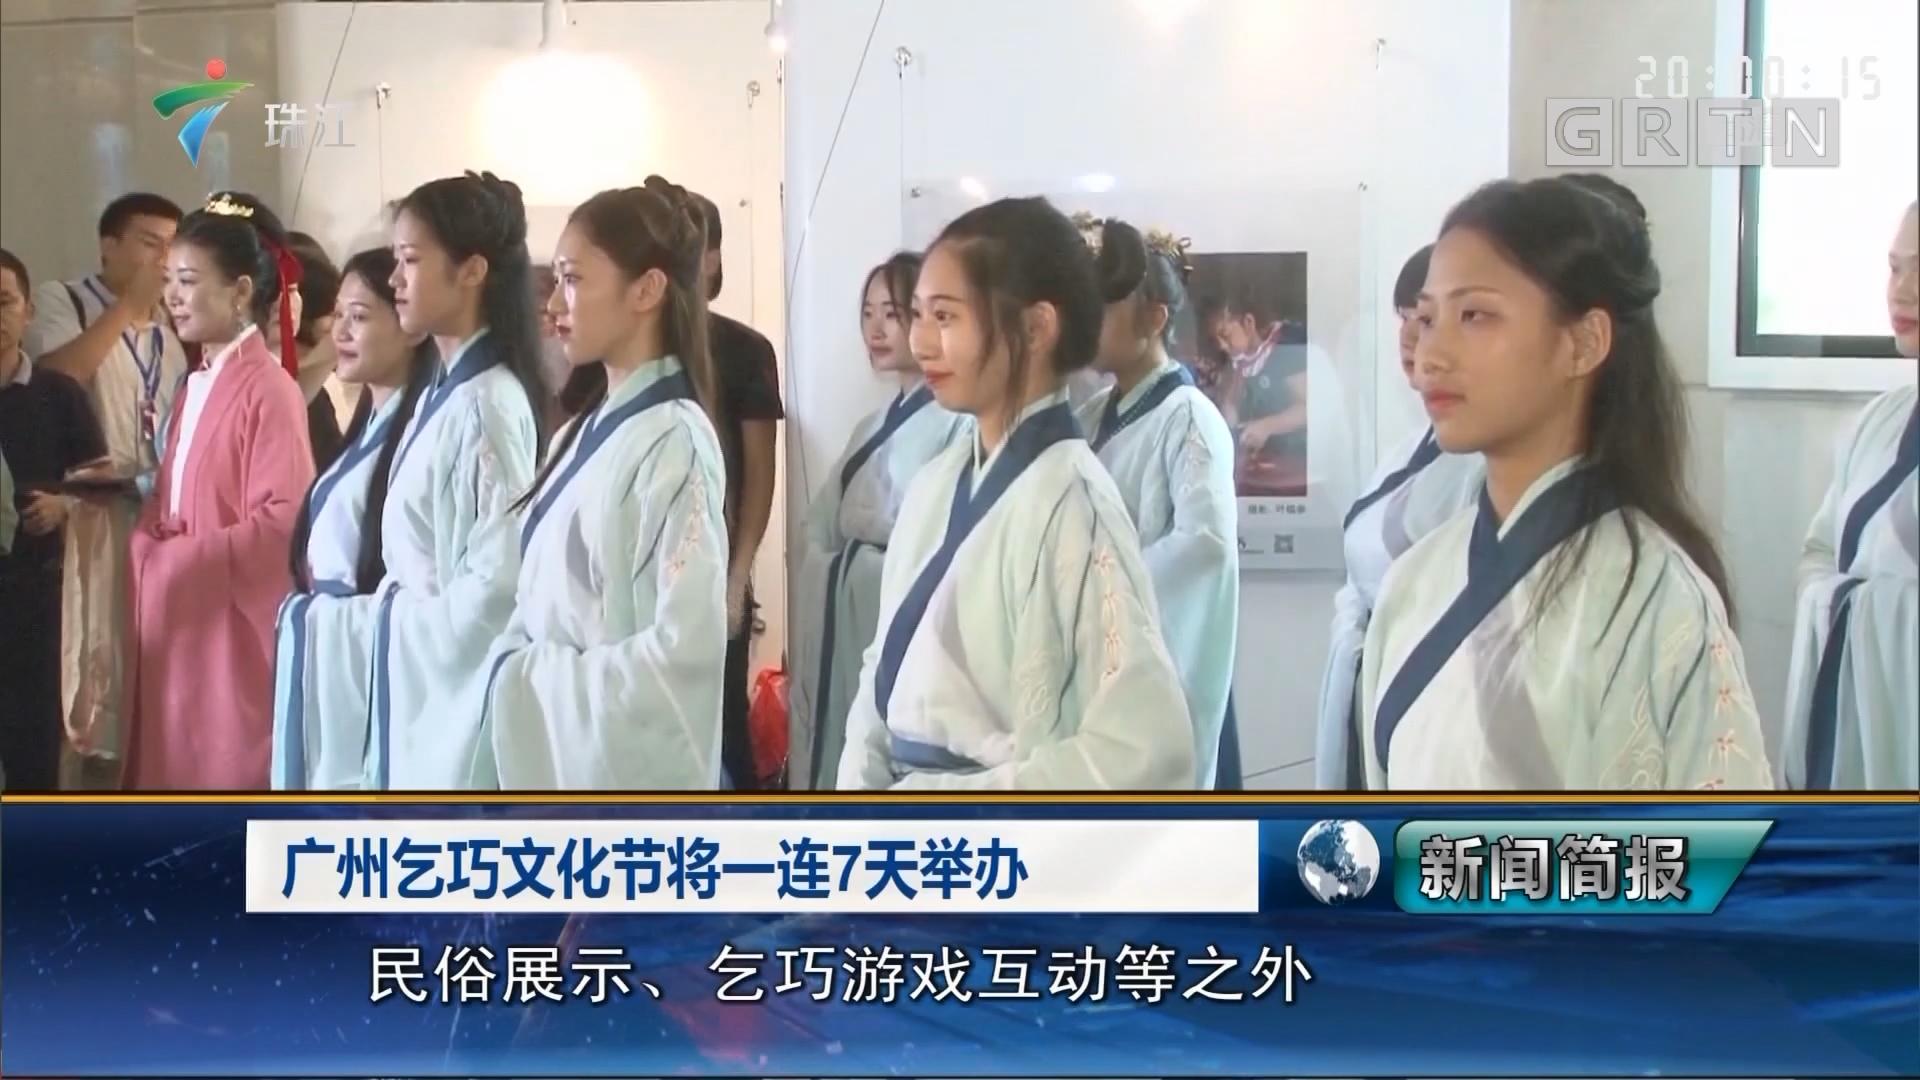 广州乞巧文化节将一连7天举办